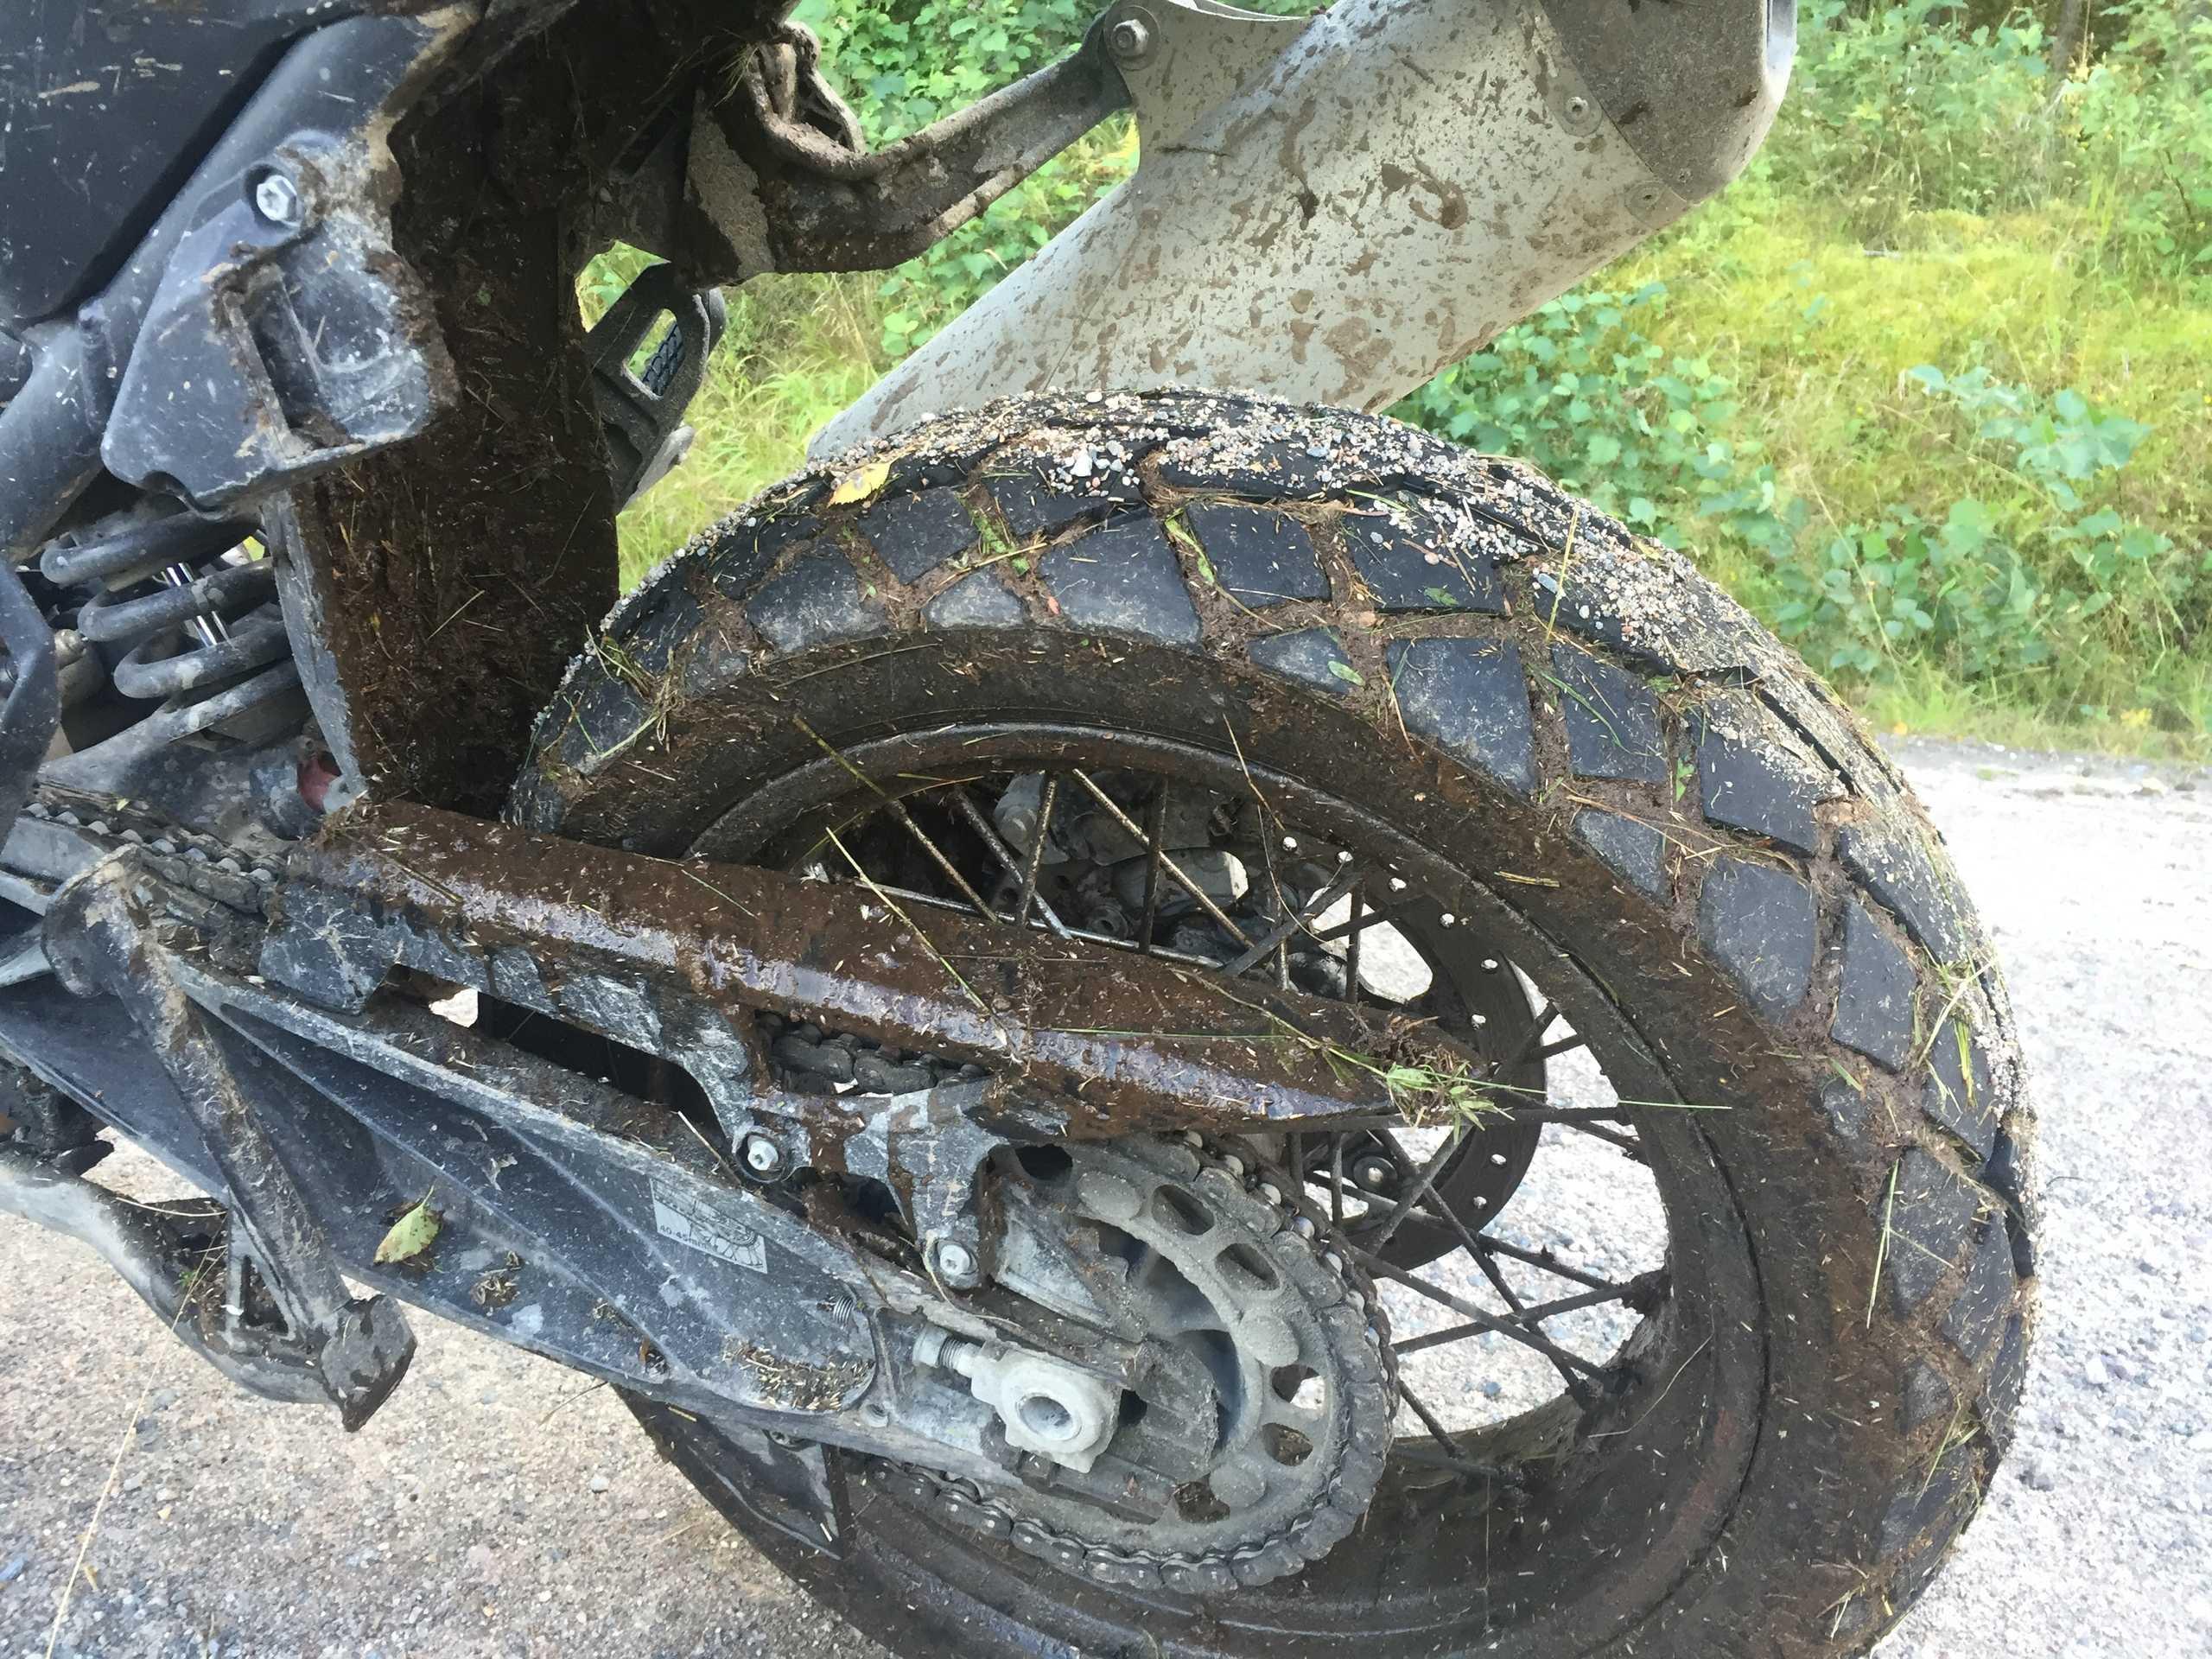 Continental TKC 70 mud